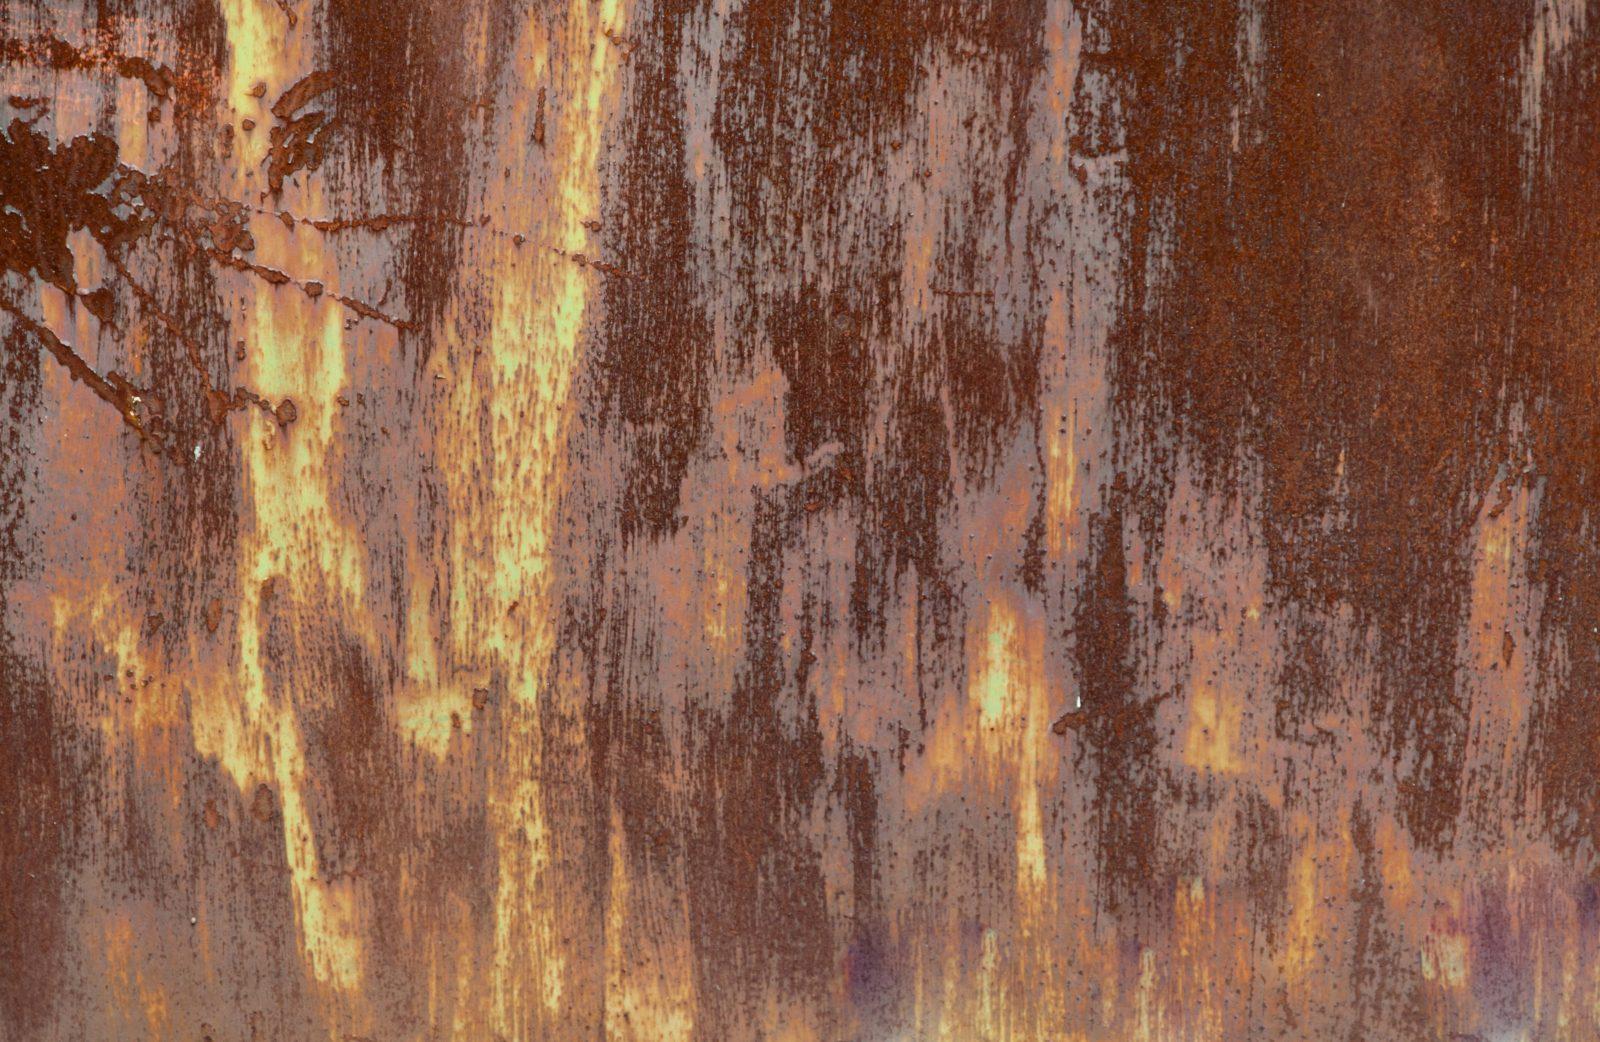 Eroded Rusty Metal Door